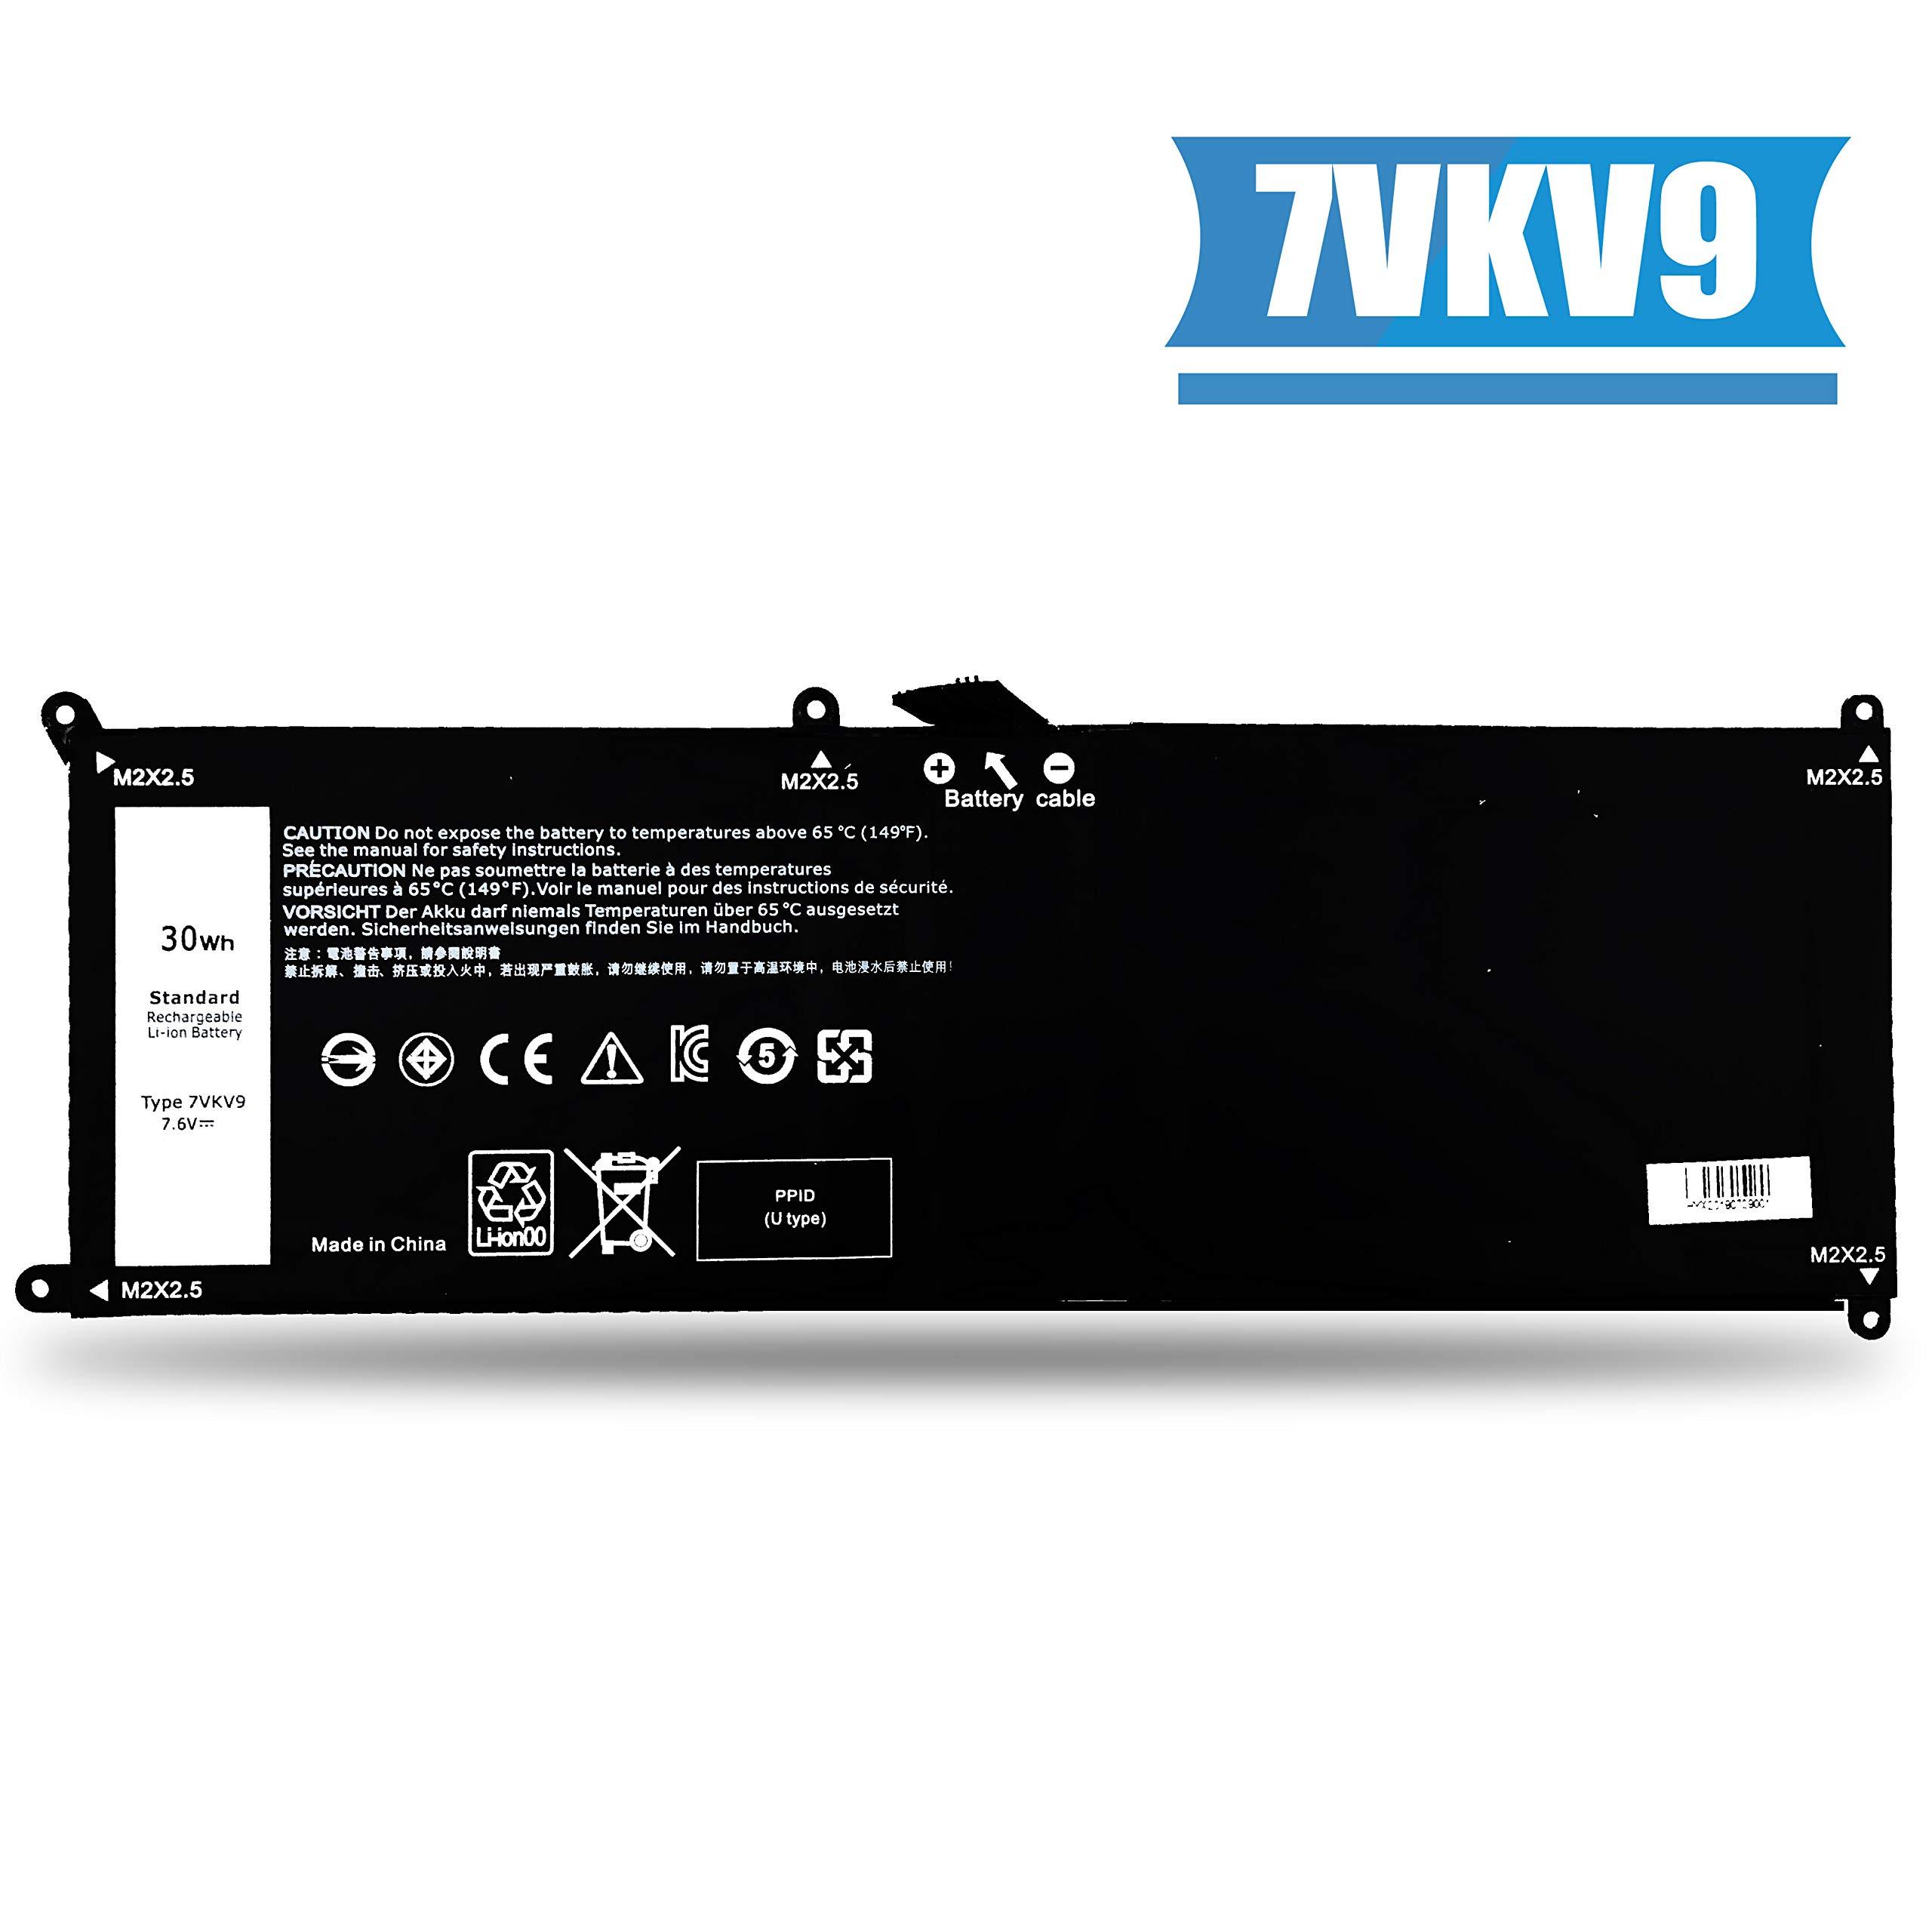 Emaks 7VKV9 Battery Latitude D1308TB